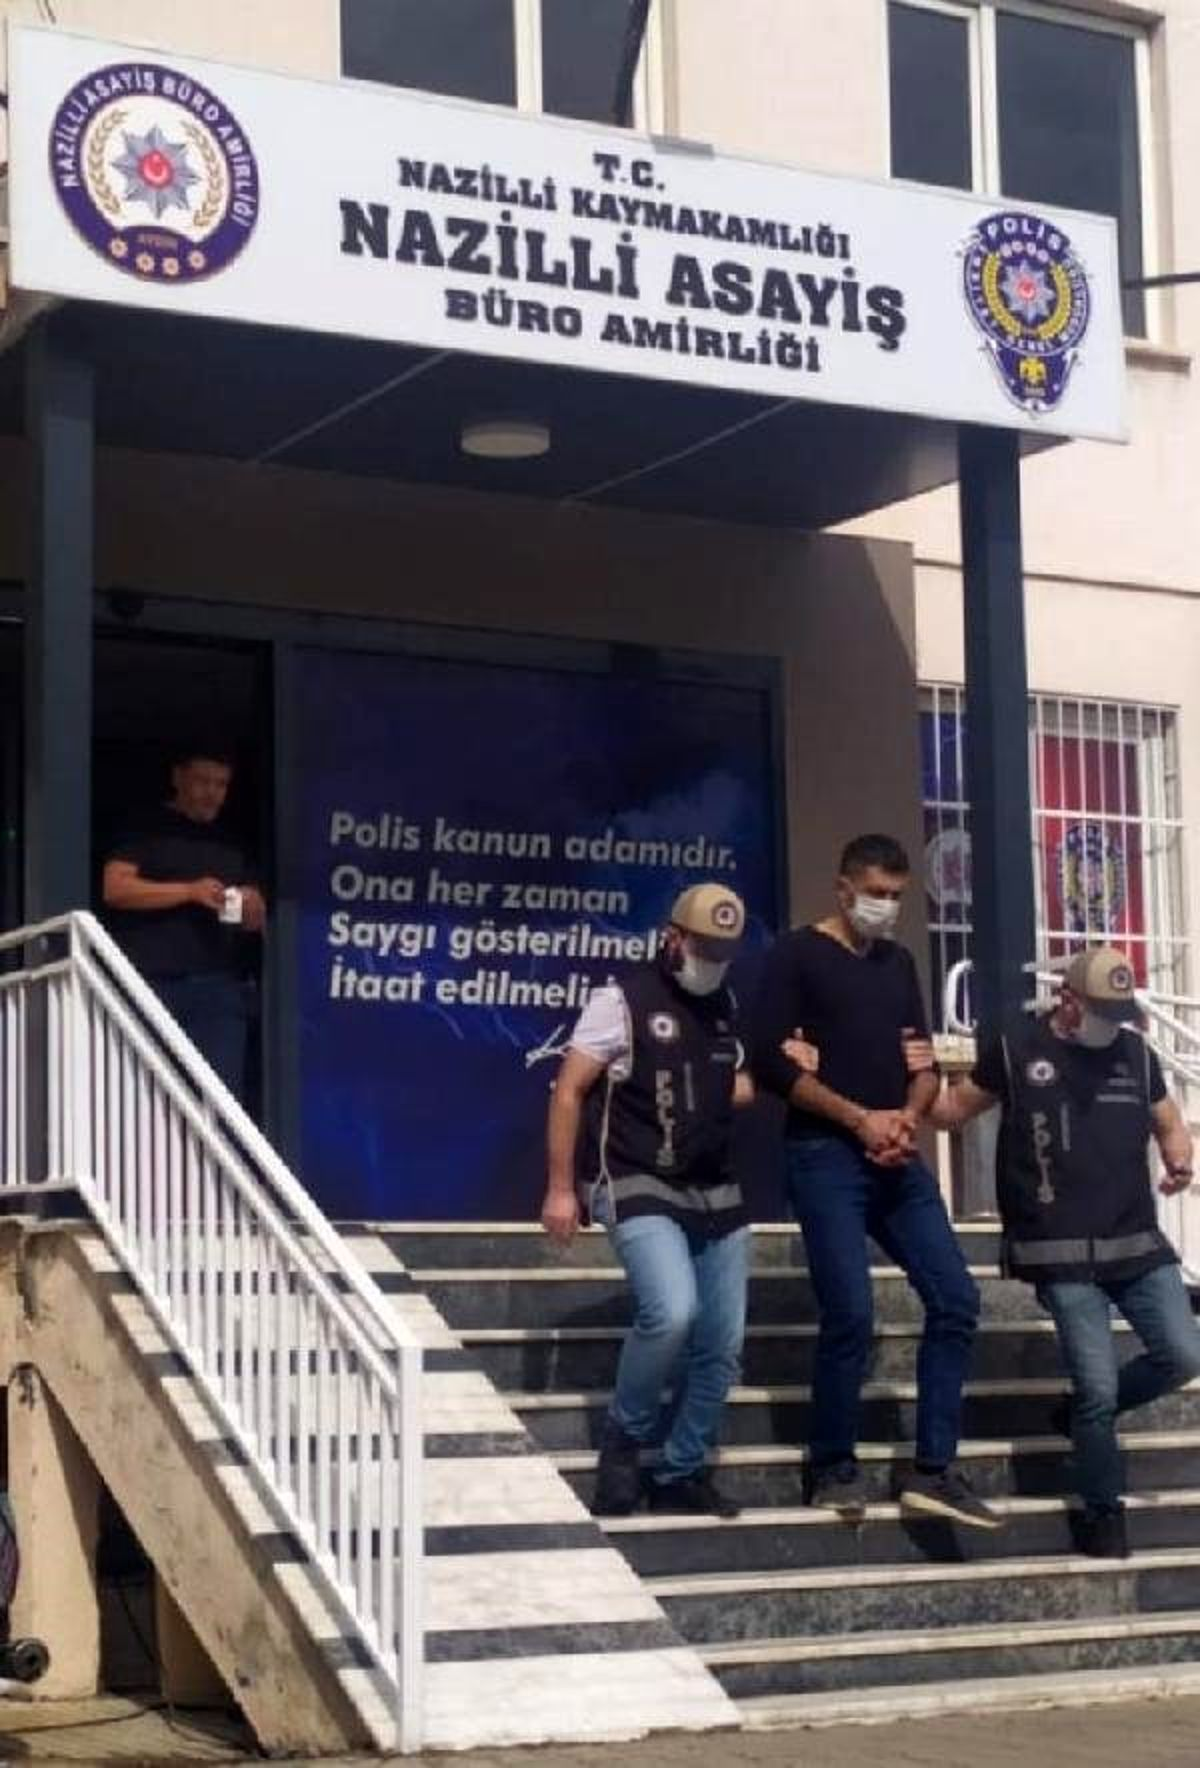 Son dakika haberleri: 2 kişiyi yaralayıp kaçan saldırgan tutuklandı